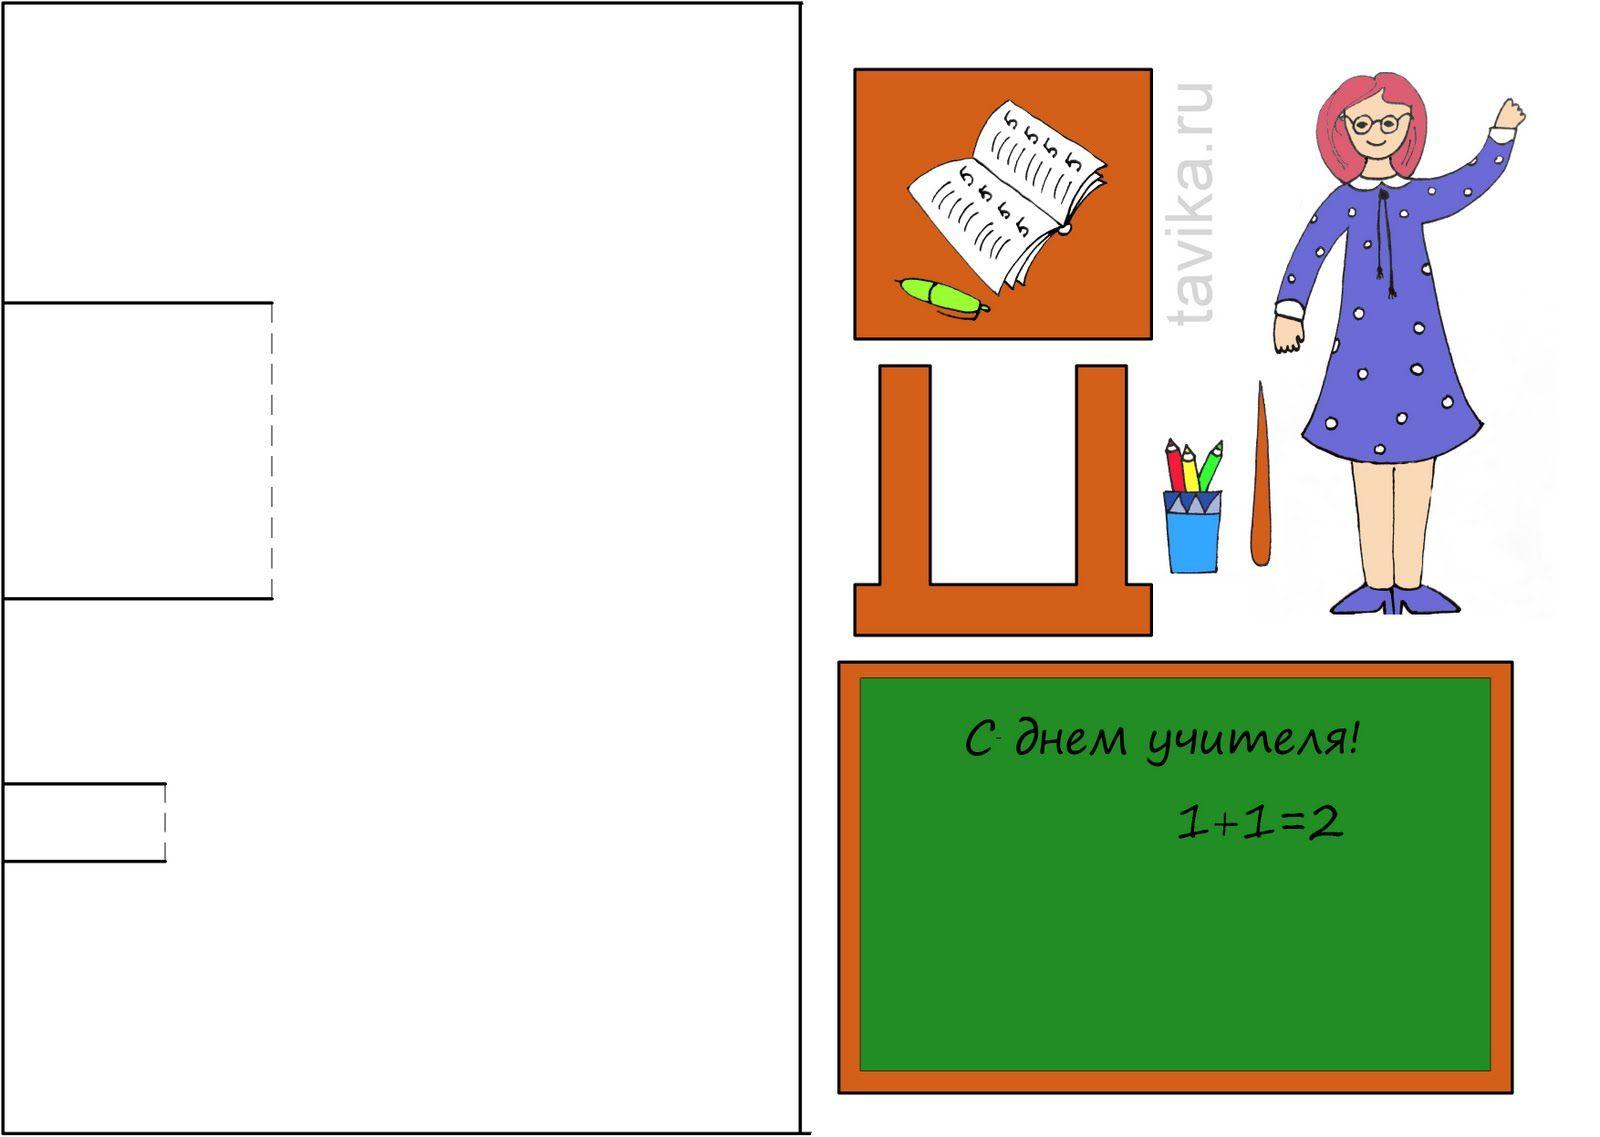 Открытка ко дню учителя своими руками 1 класс рисунок